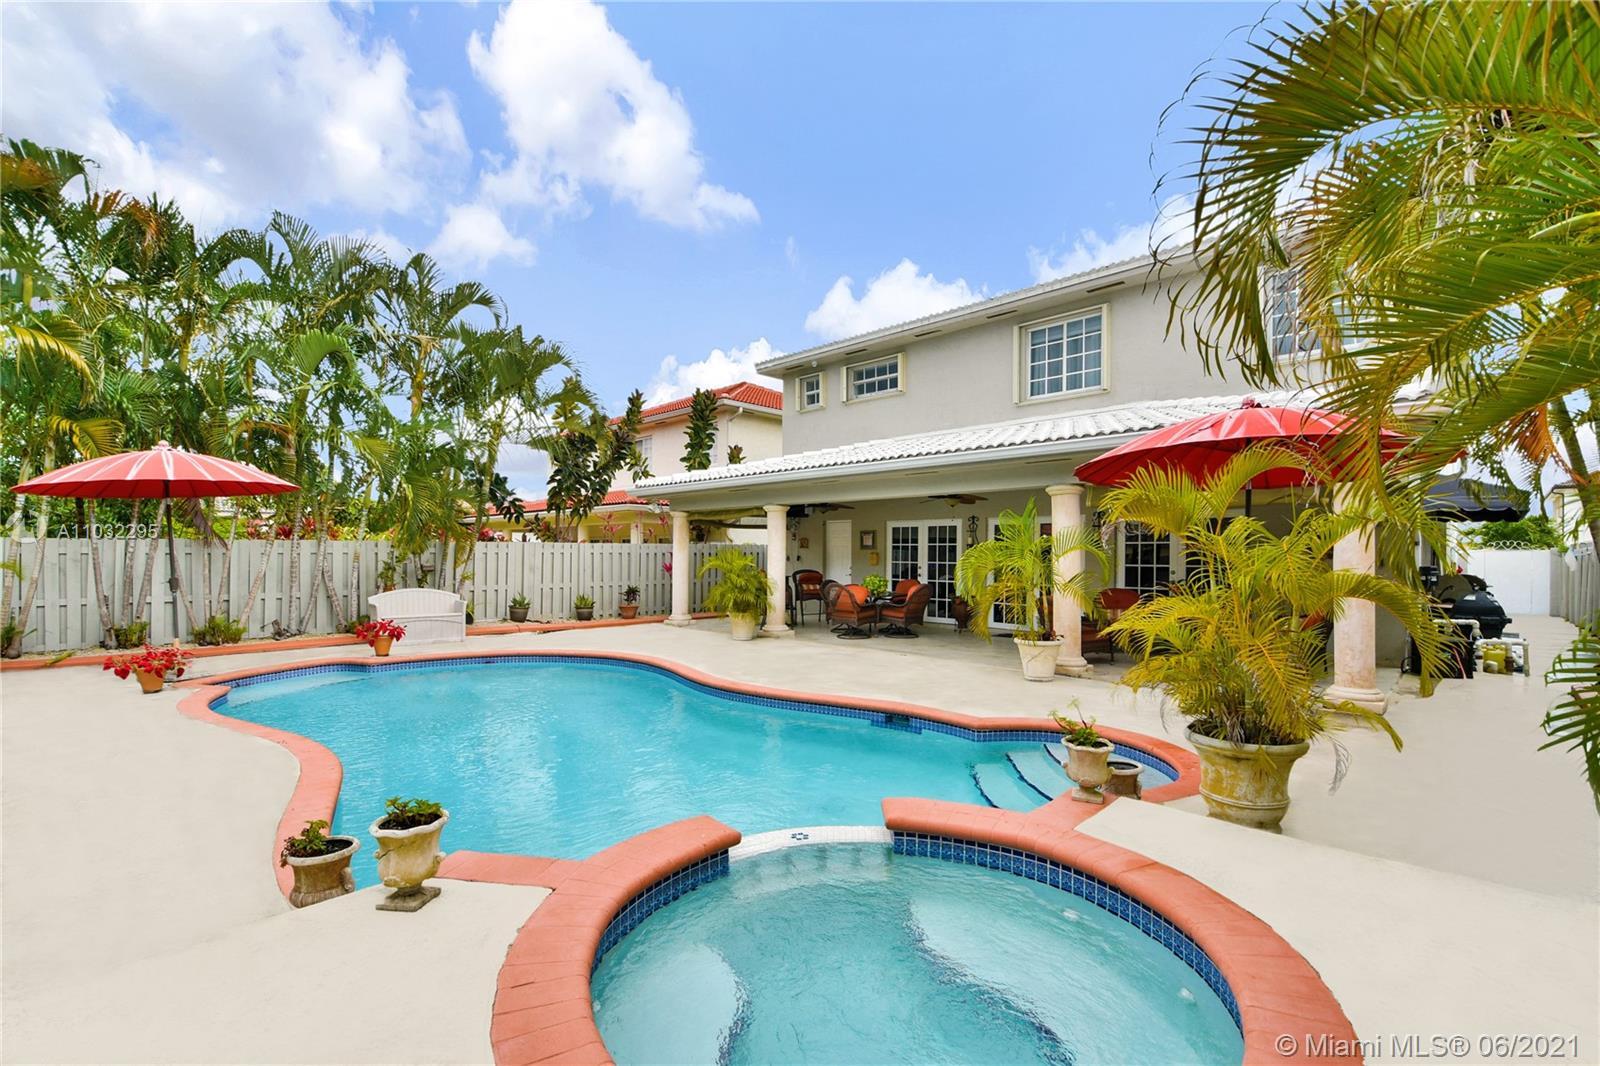 Miami Lakes - 8824 NW 146th Ln, Miami Lakes, FL 33018